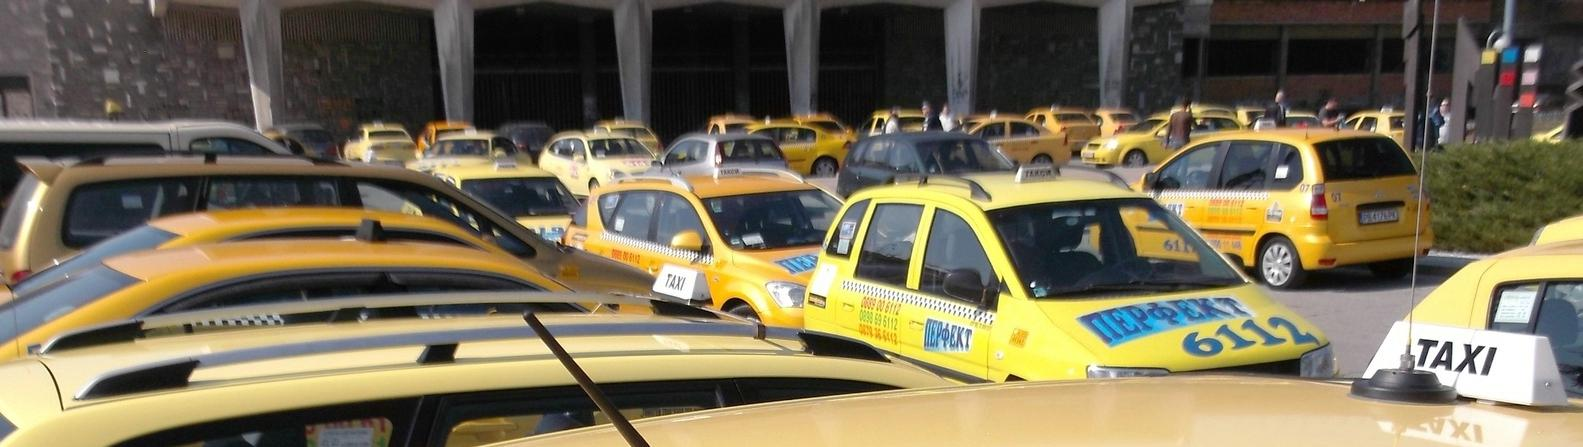 такси в болгарии бургас